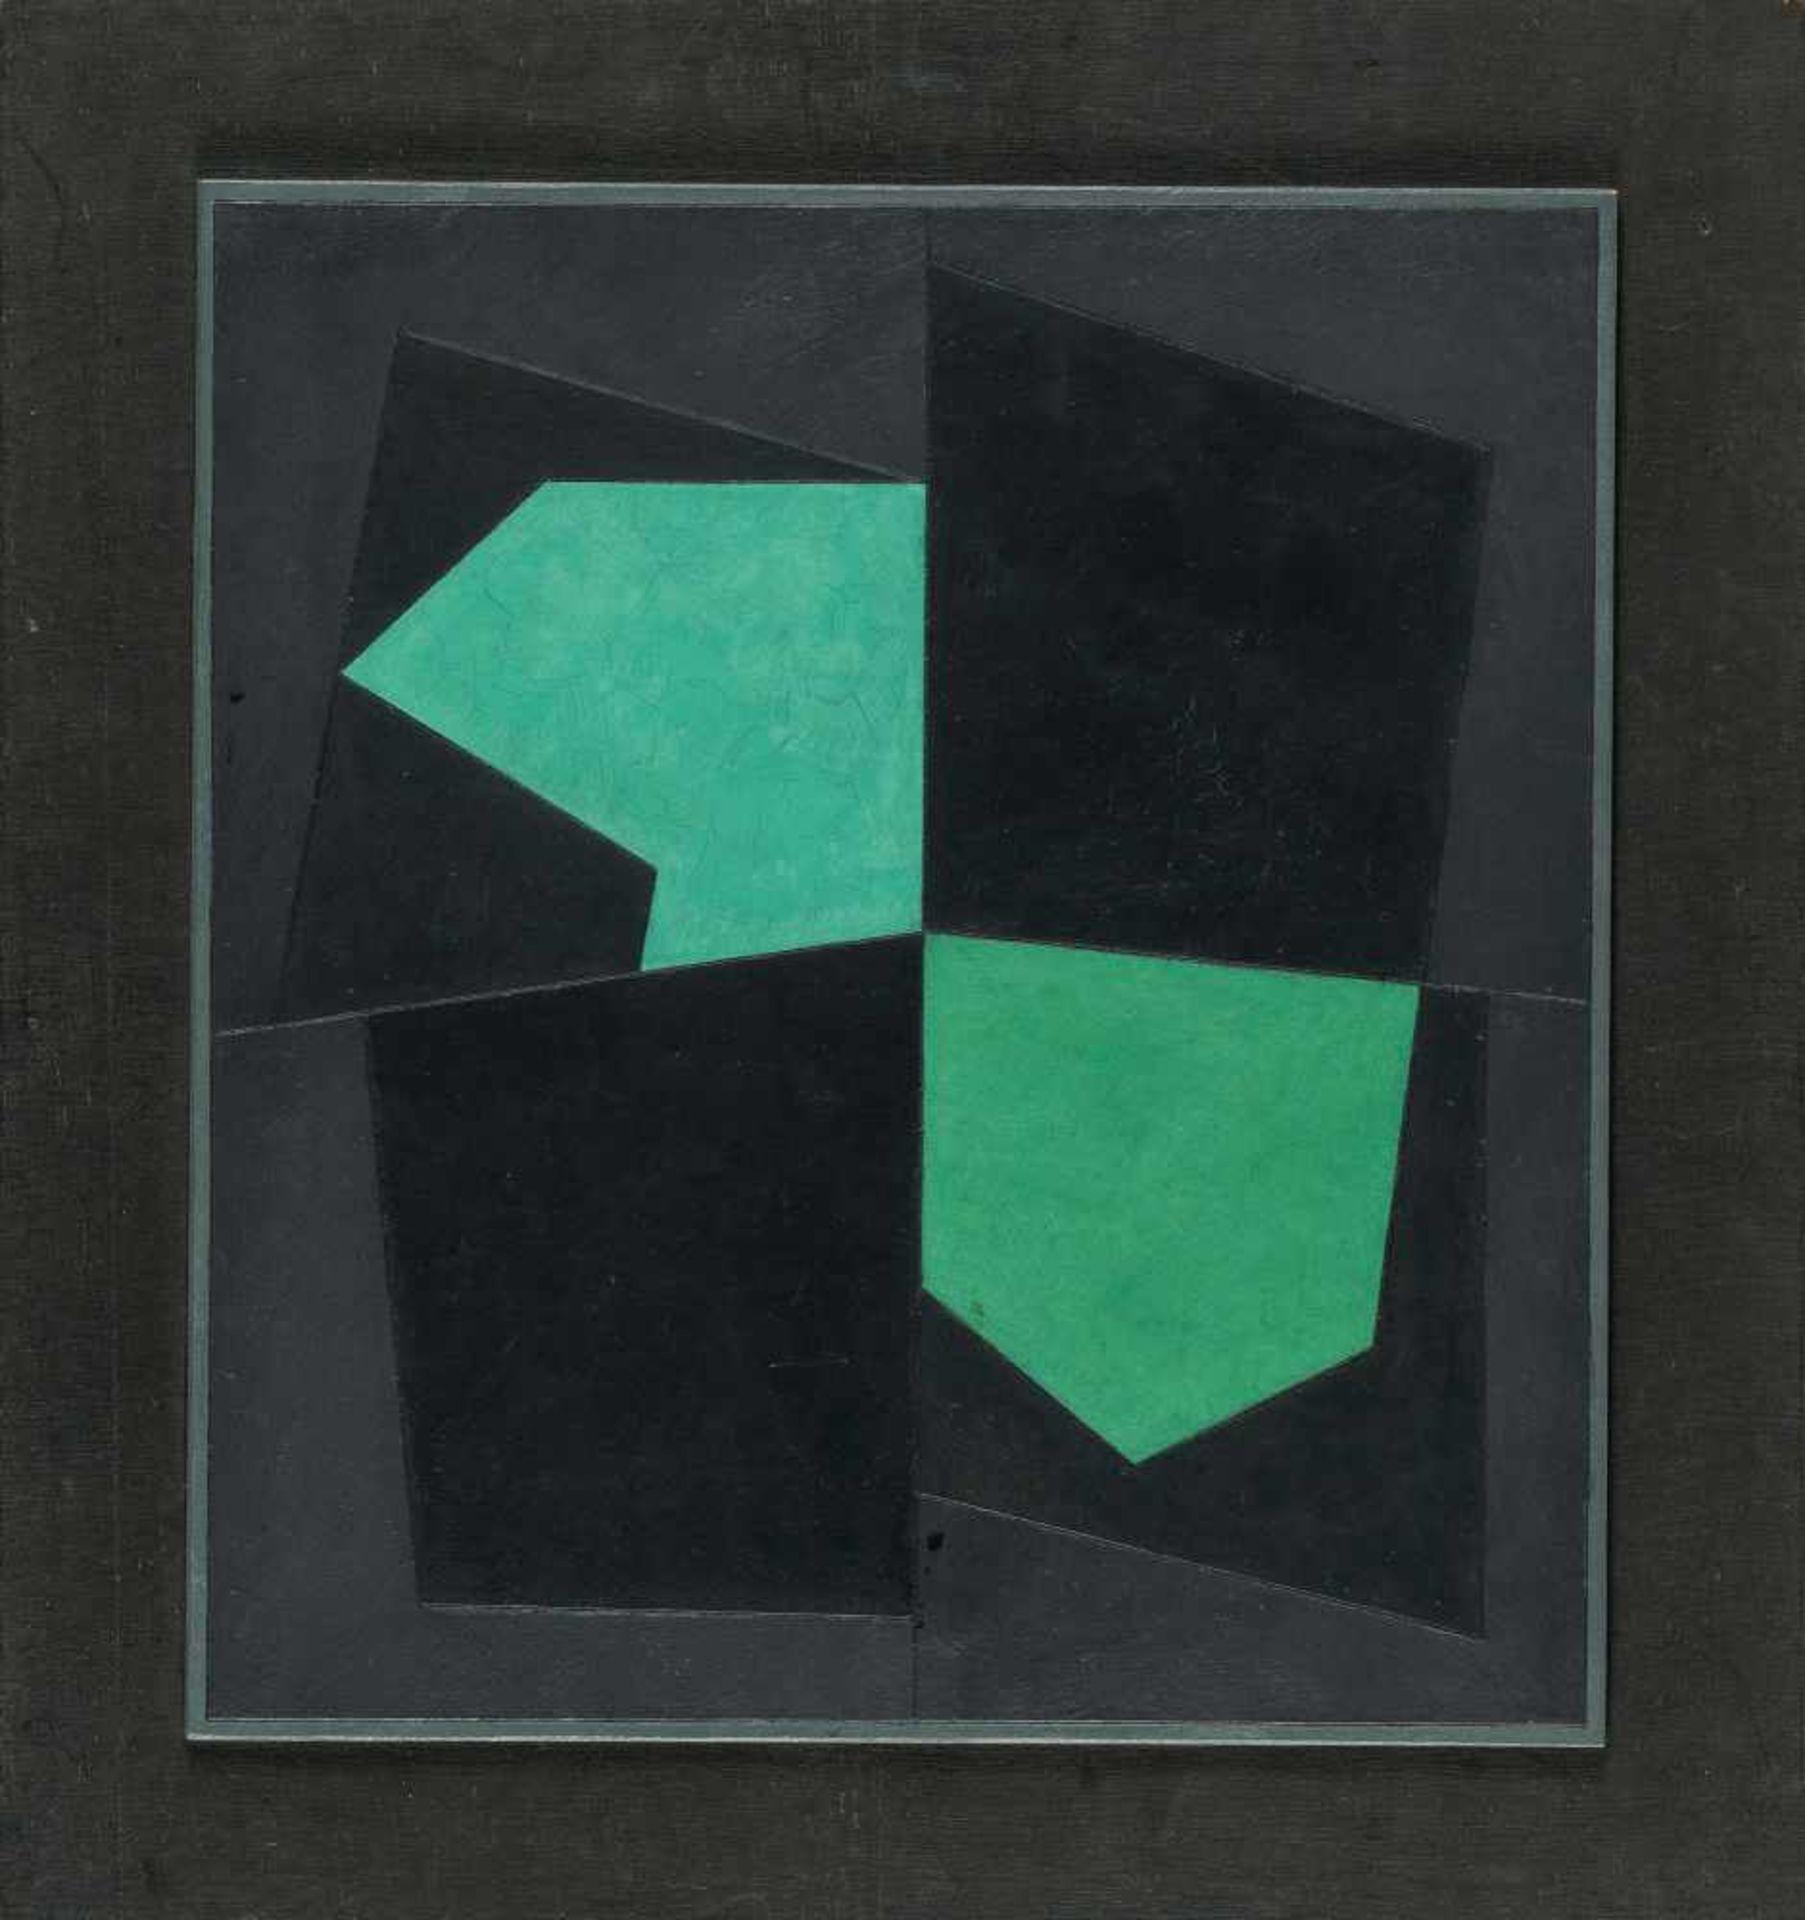 Victor Vasarely - Bild 2 aus 3